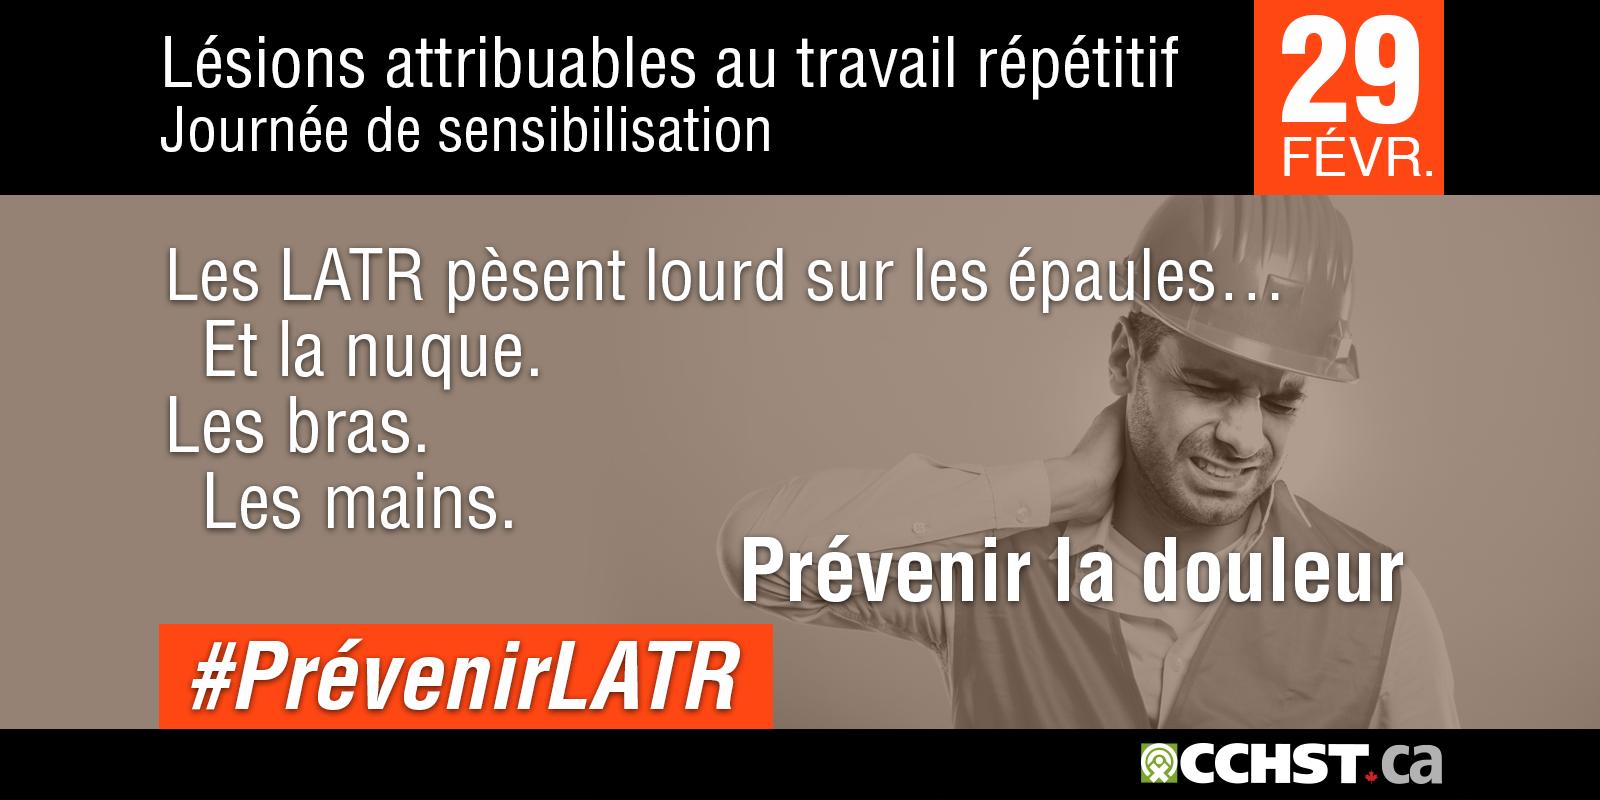 Lésions attribuables au travail répétitif Journée de sensibilisation aux LATR - 4